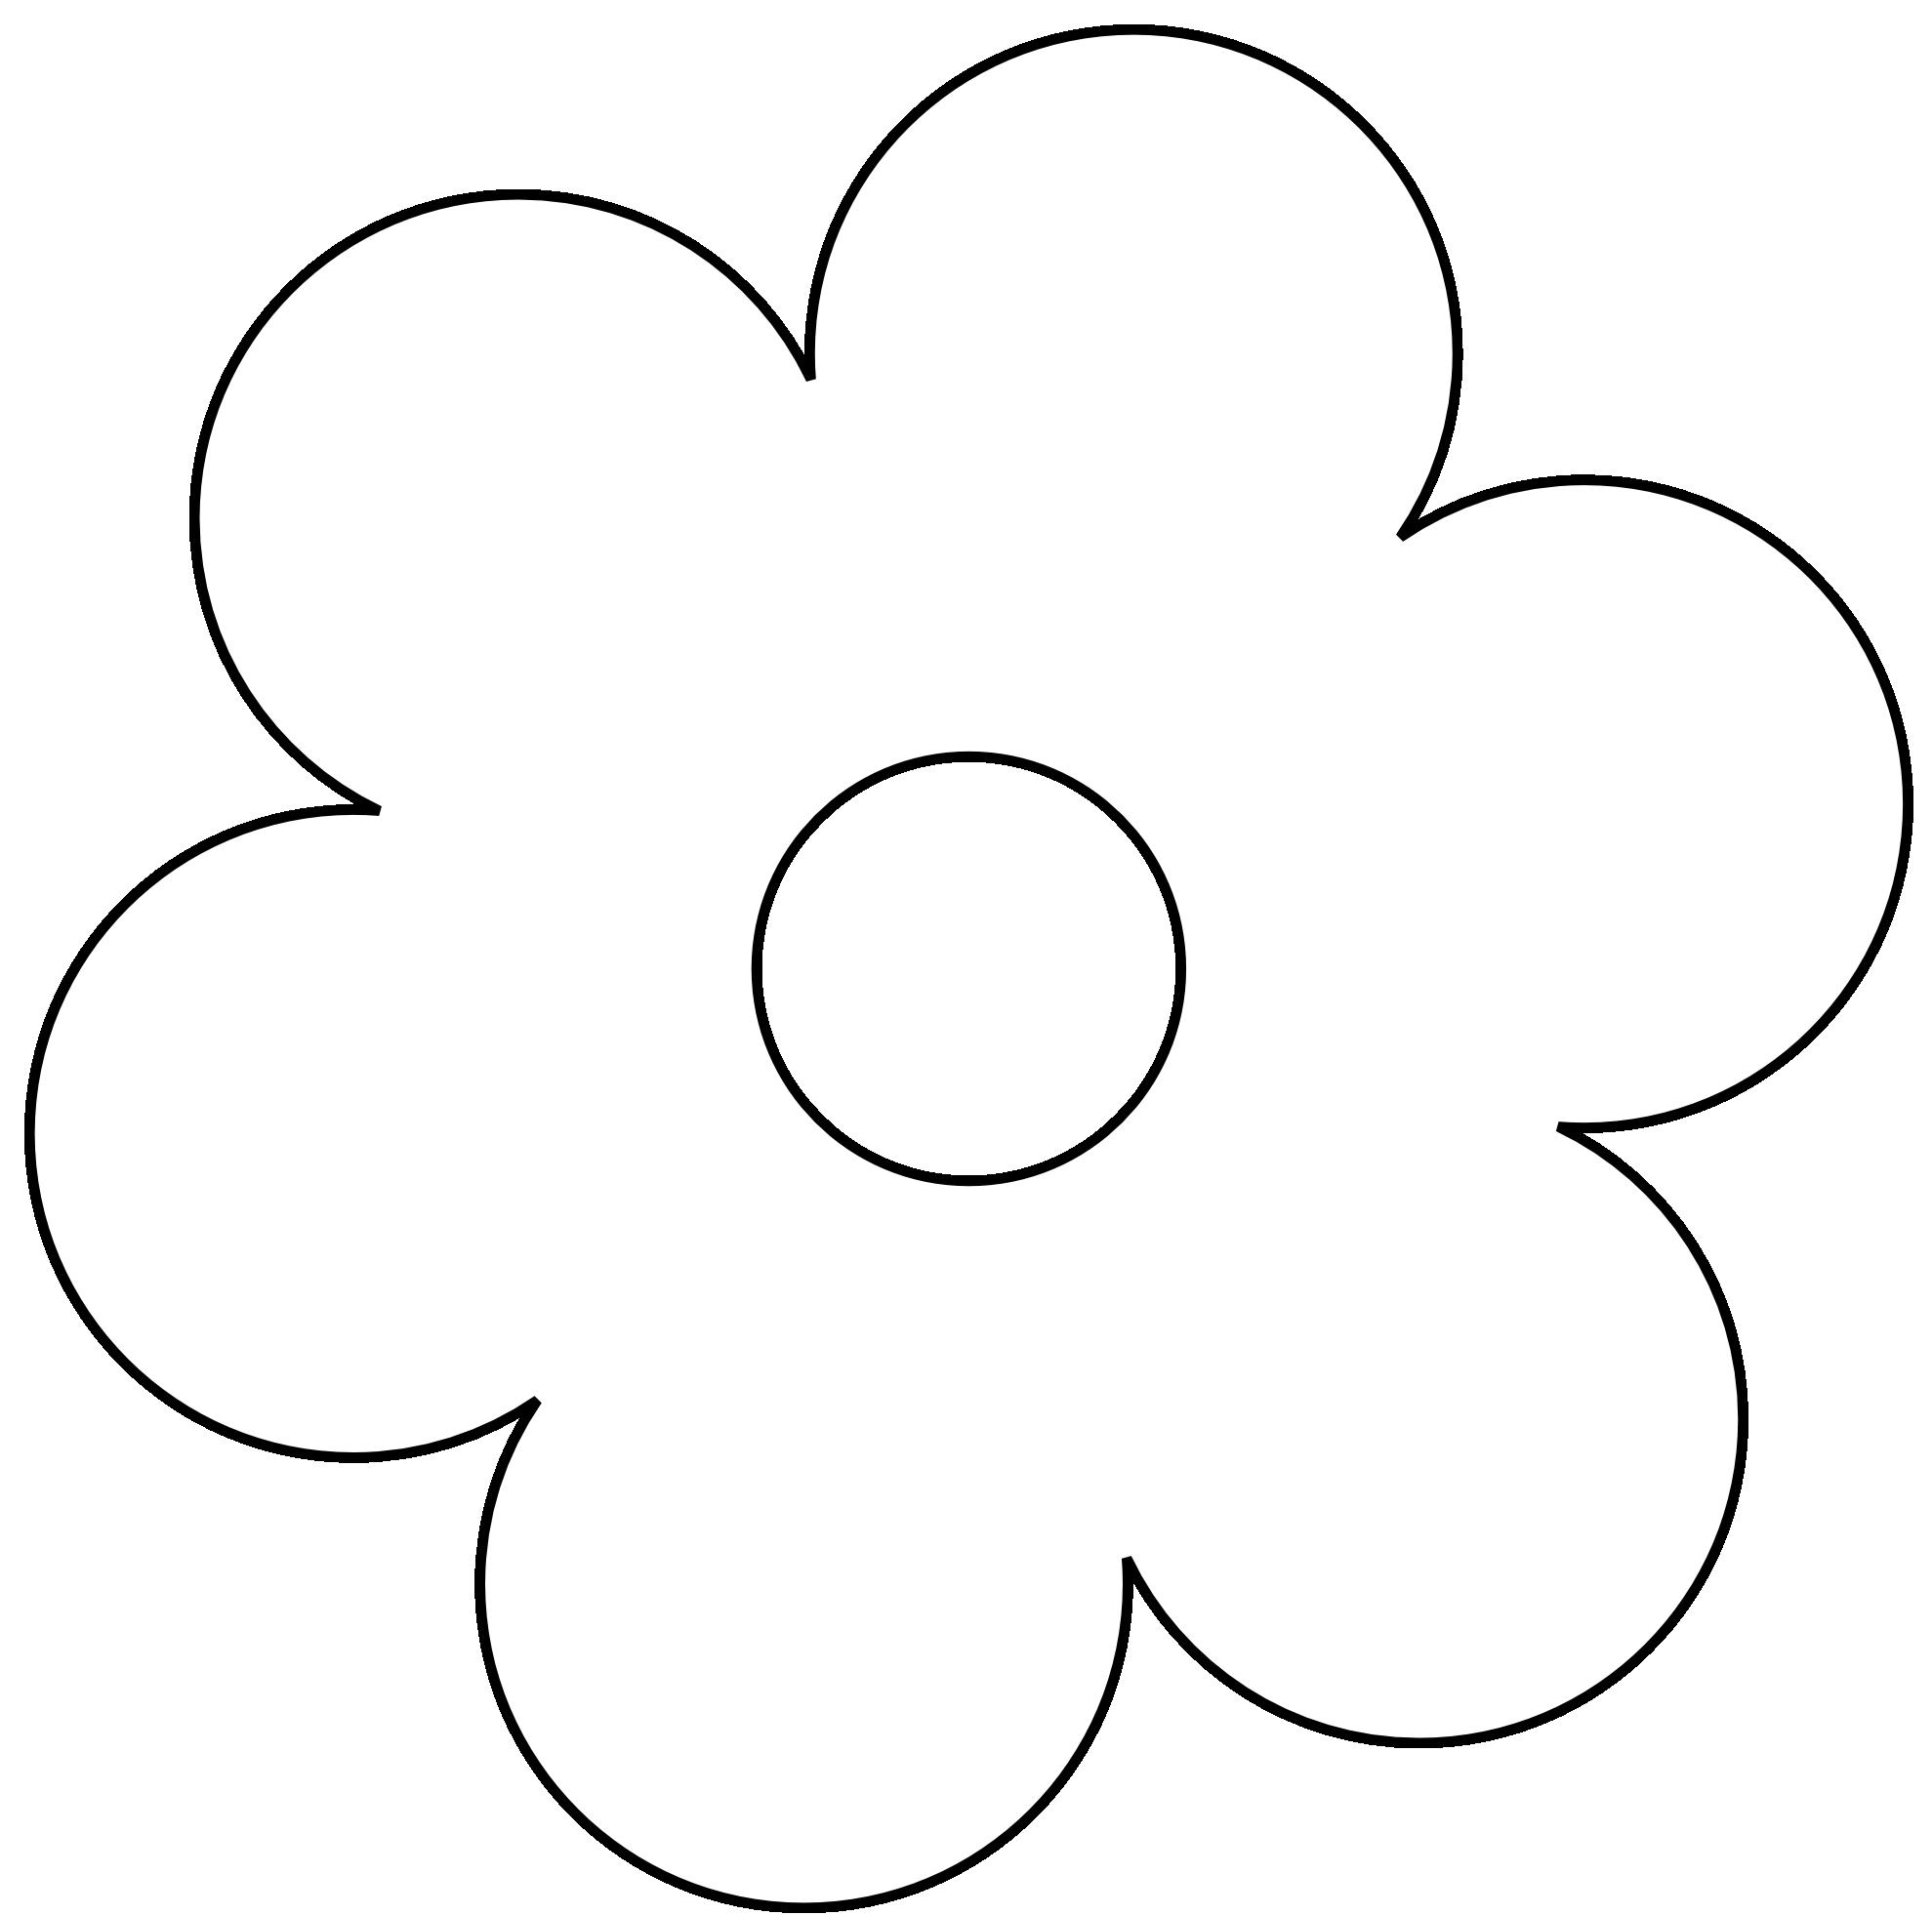 Line Art Flower Stencil Designs : Free printable flower stencils clipart best